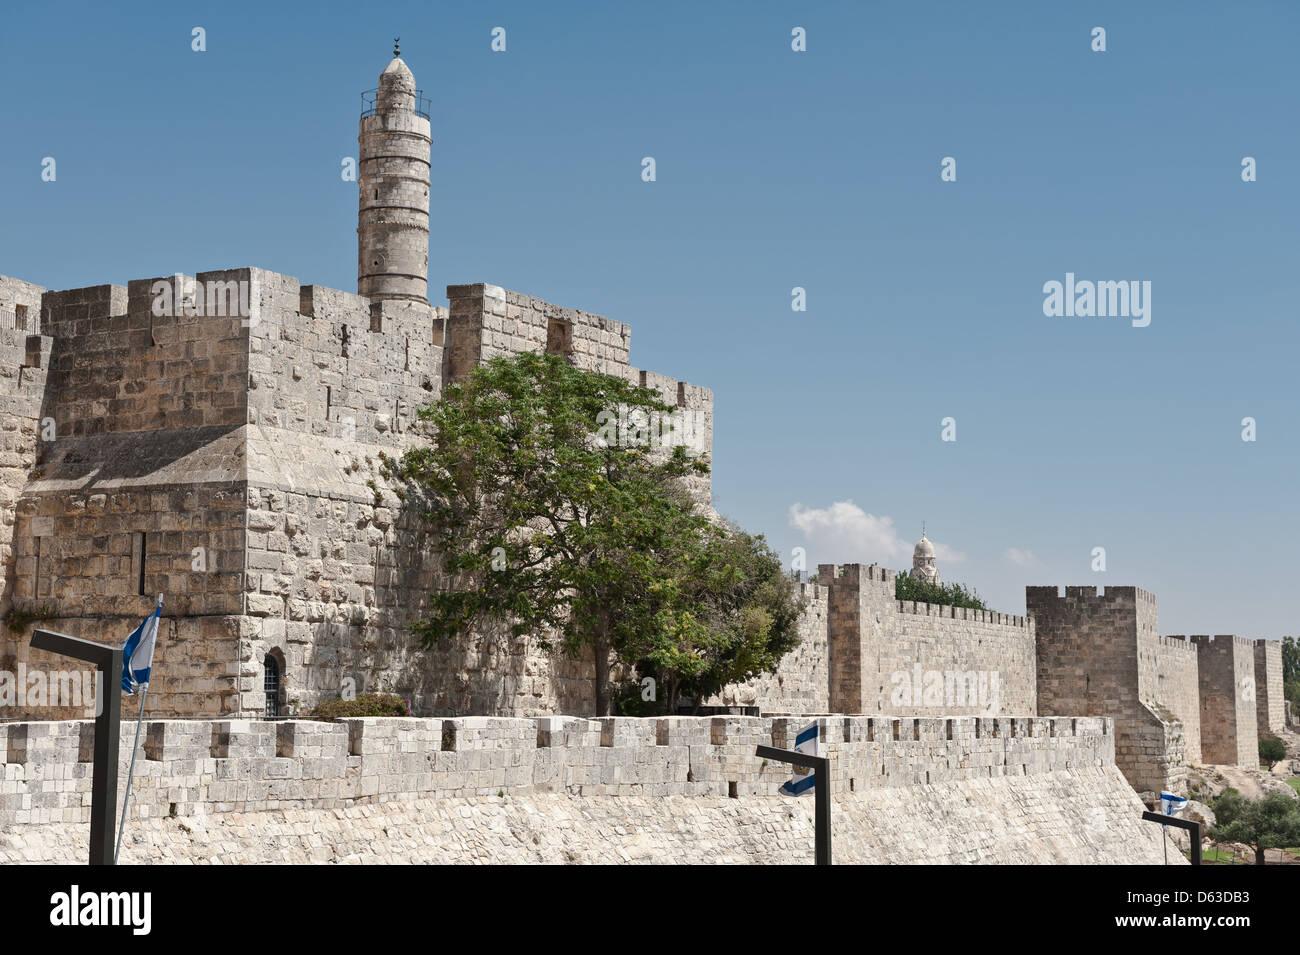 Ancient Walls - Stock Image